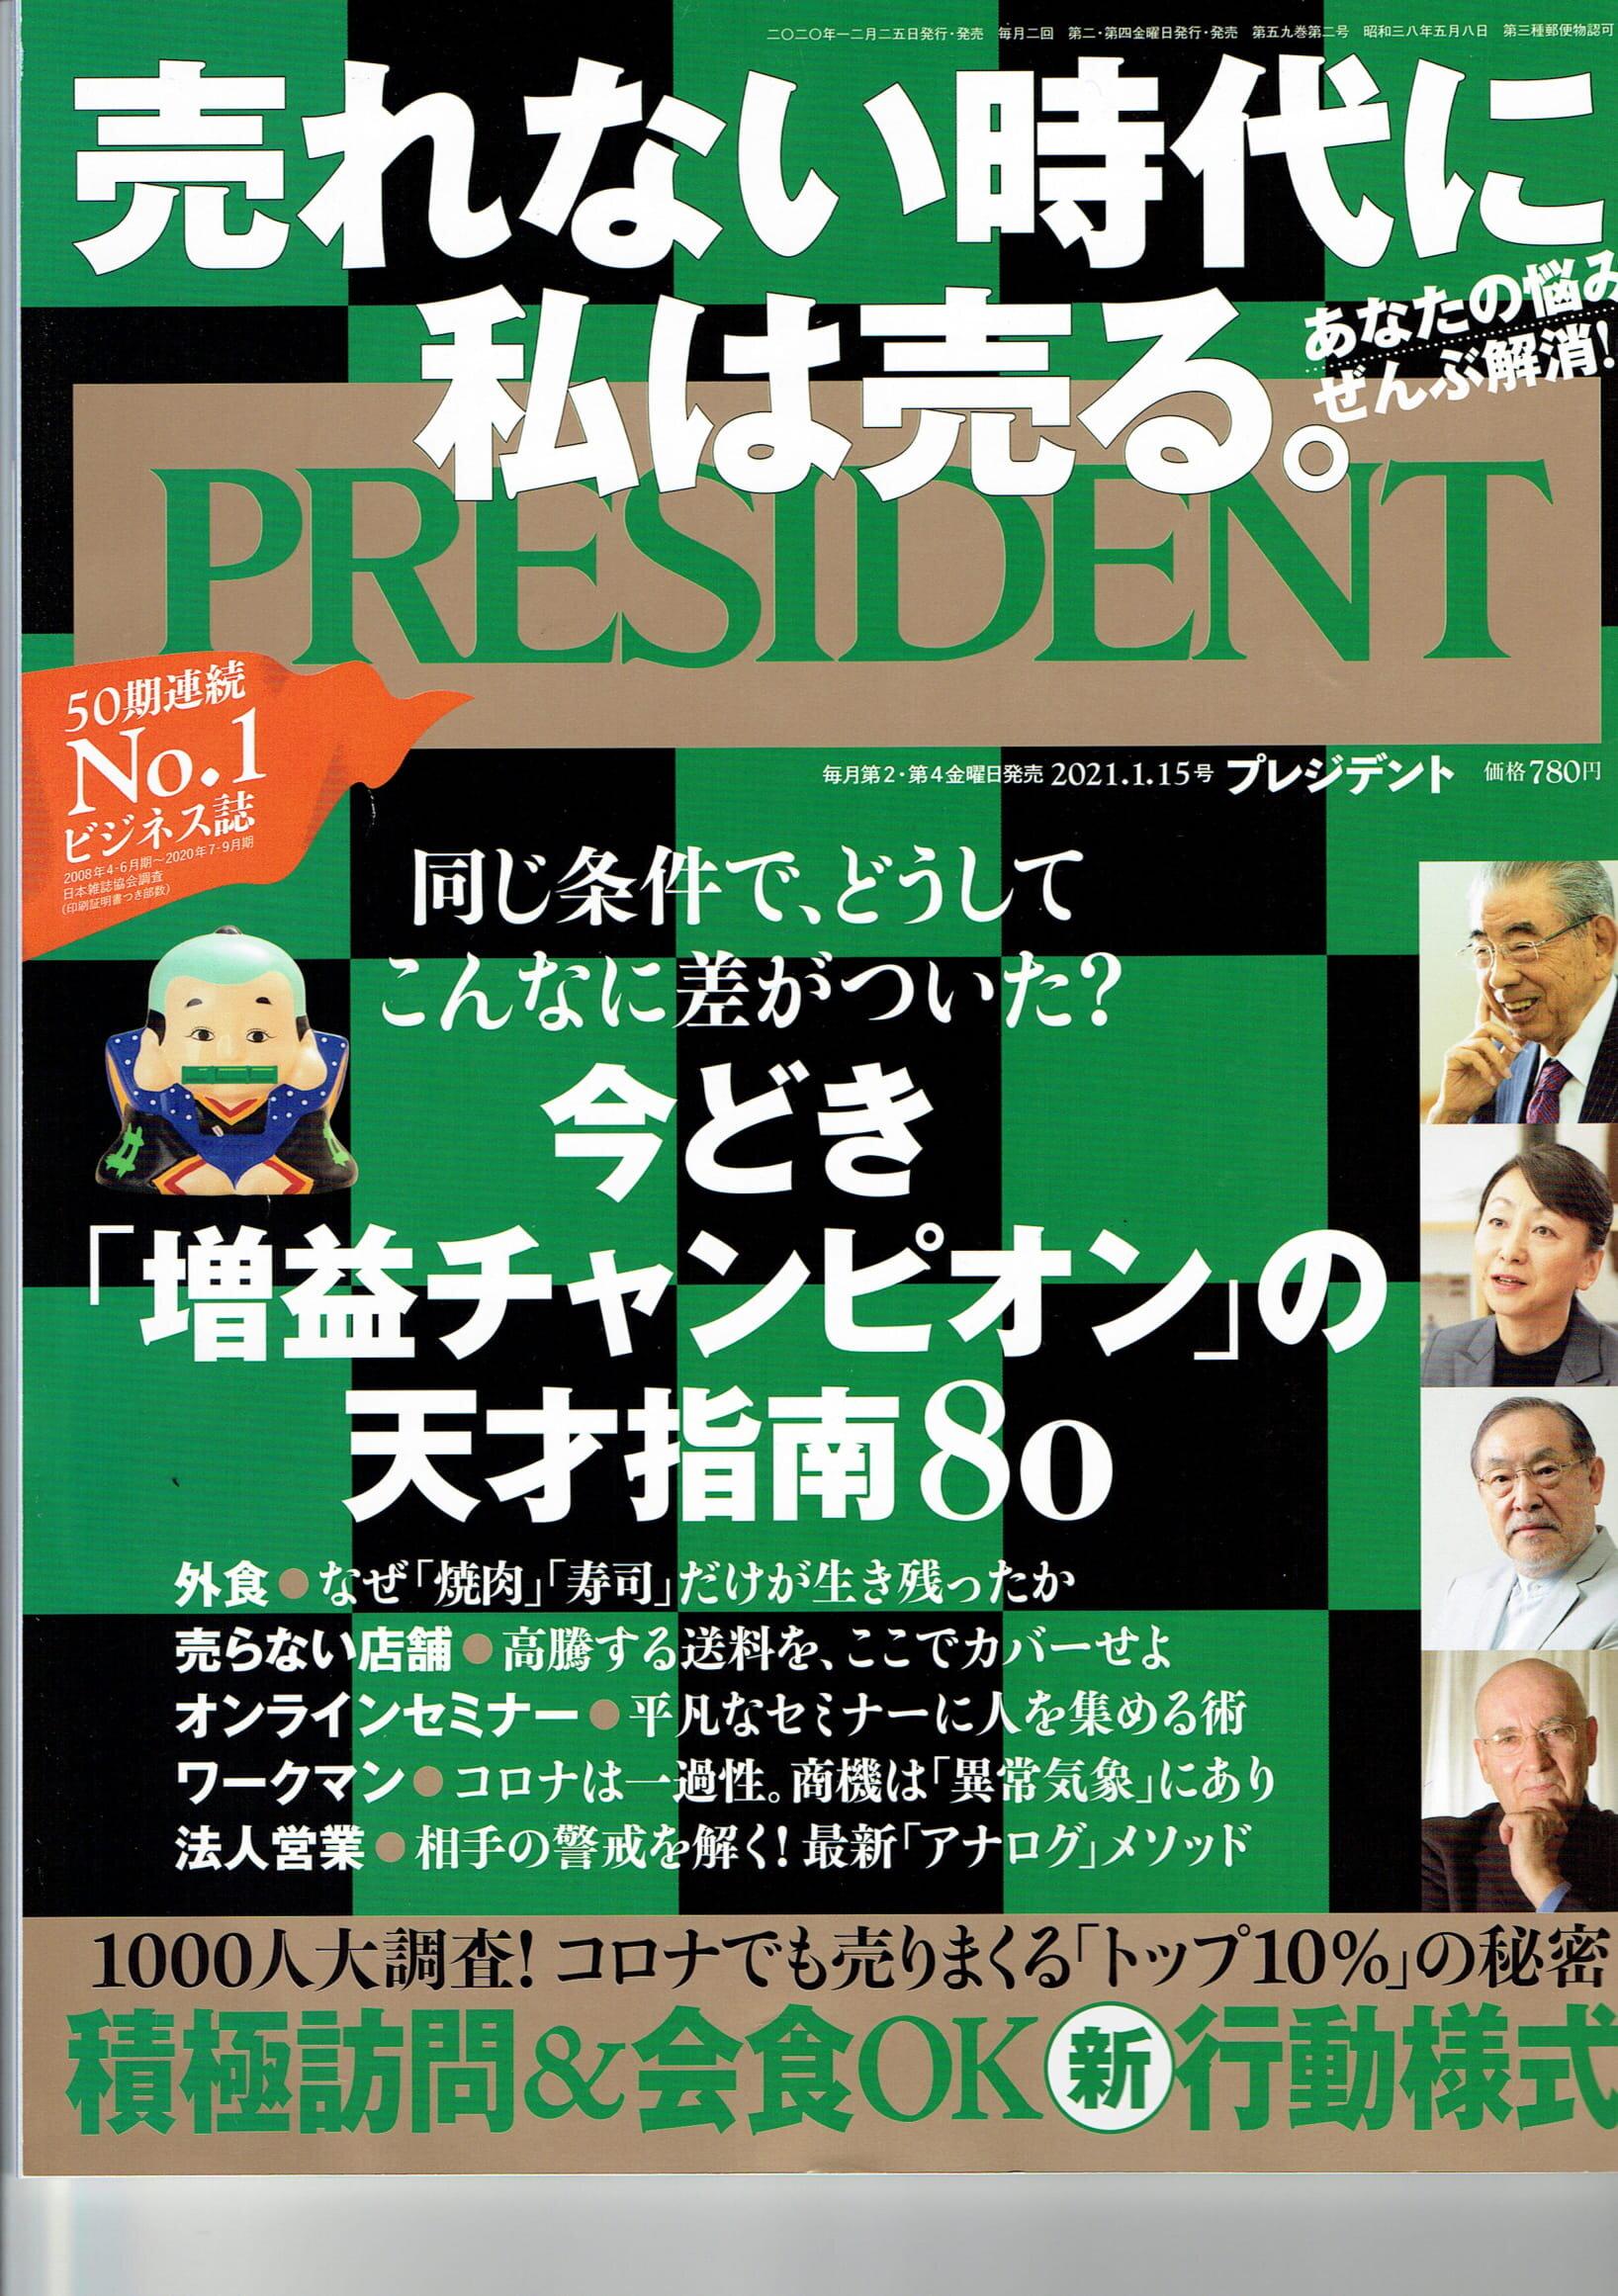 president_1.jpg